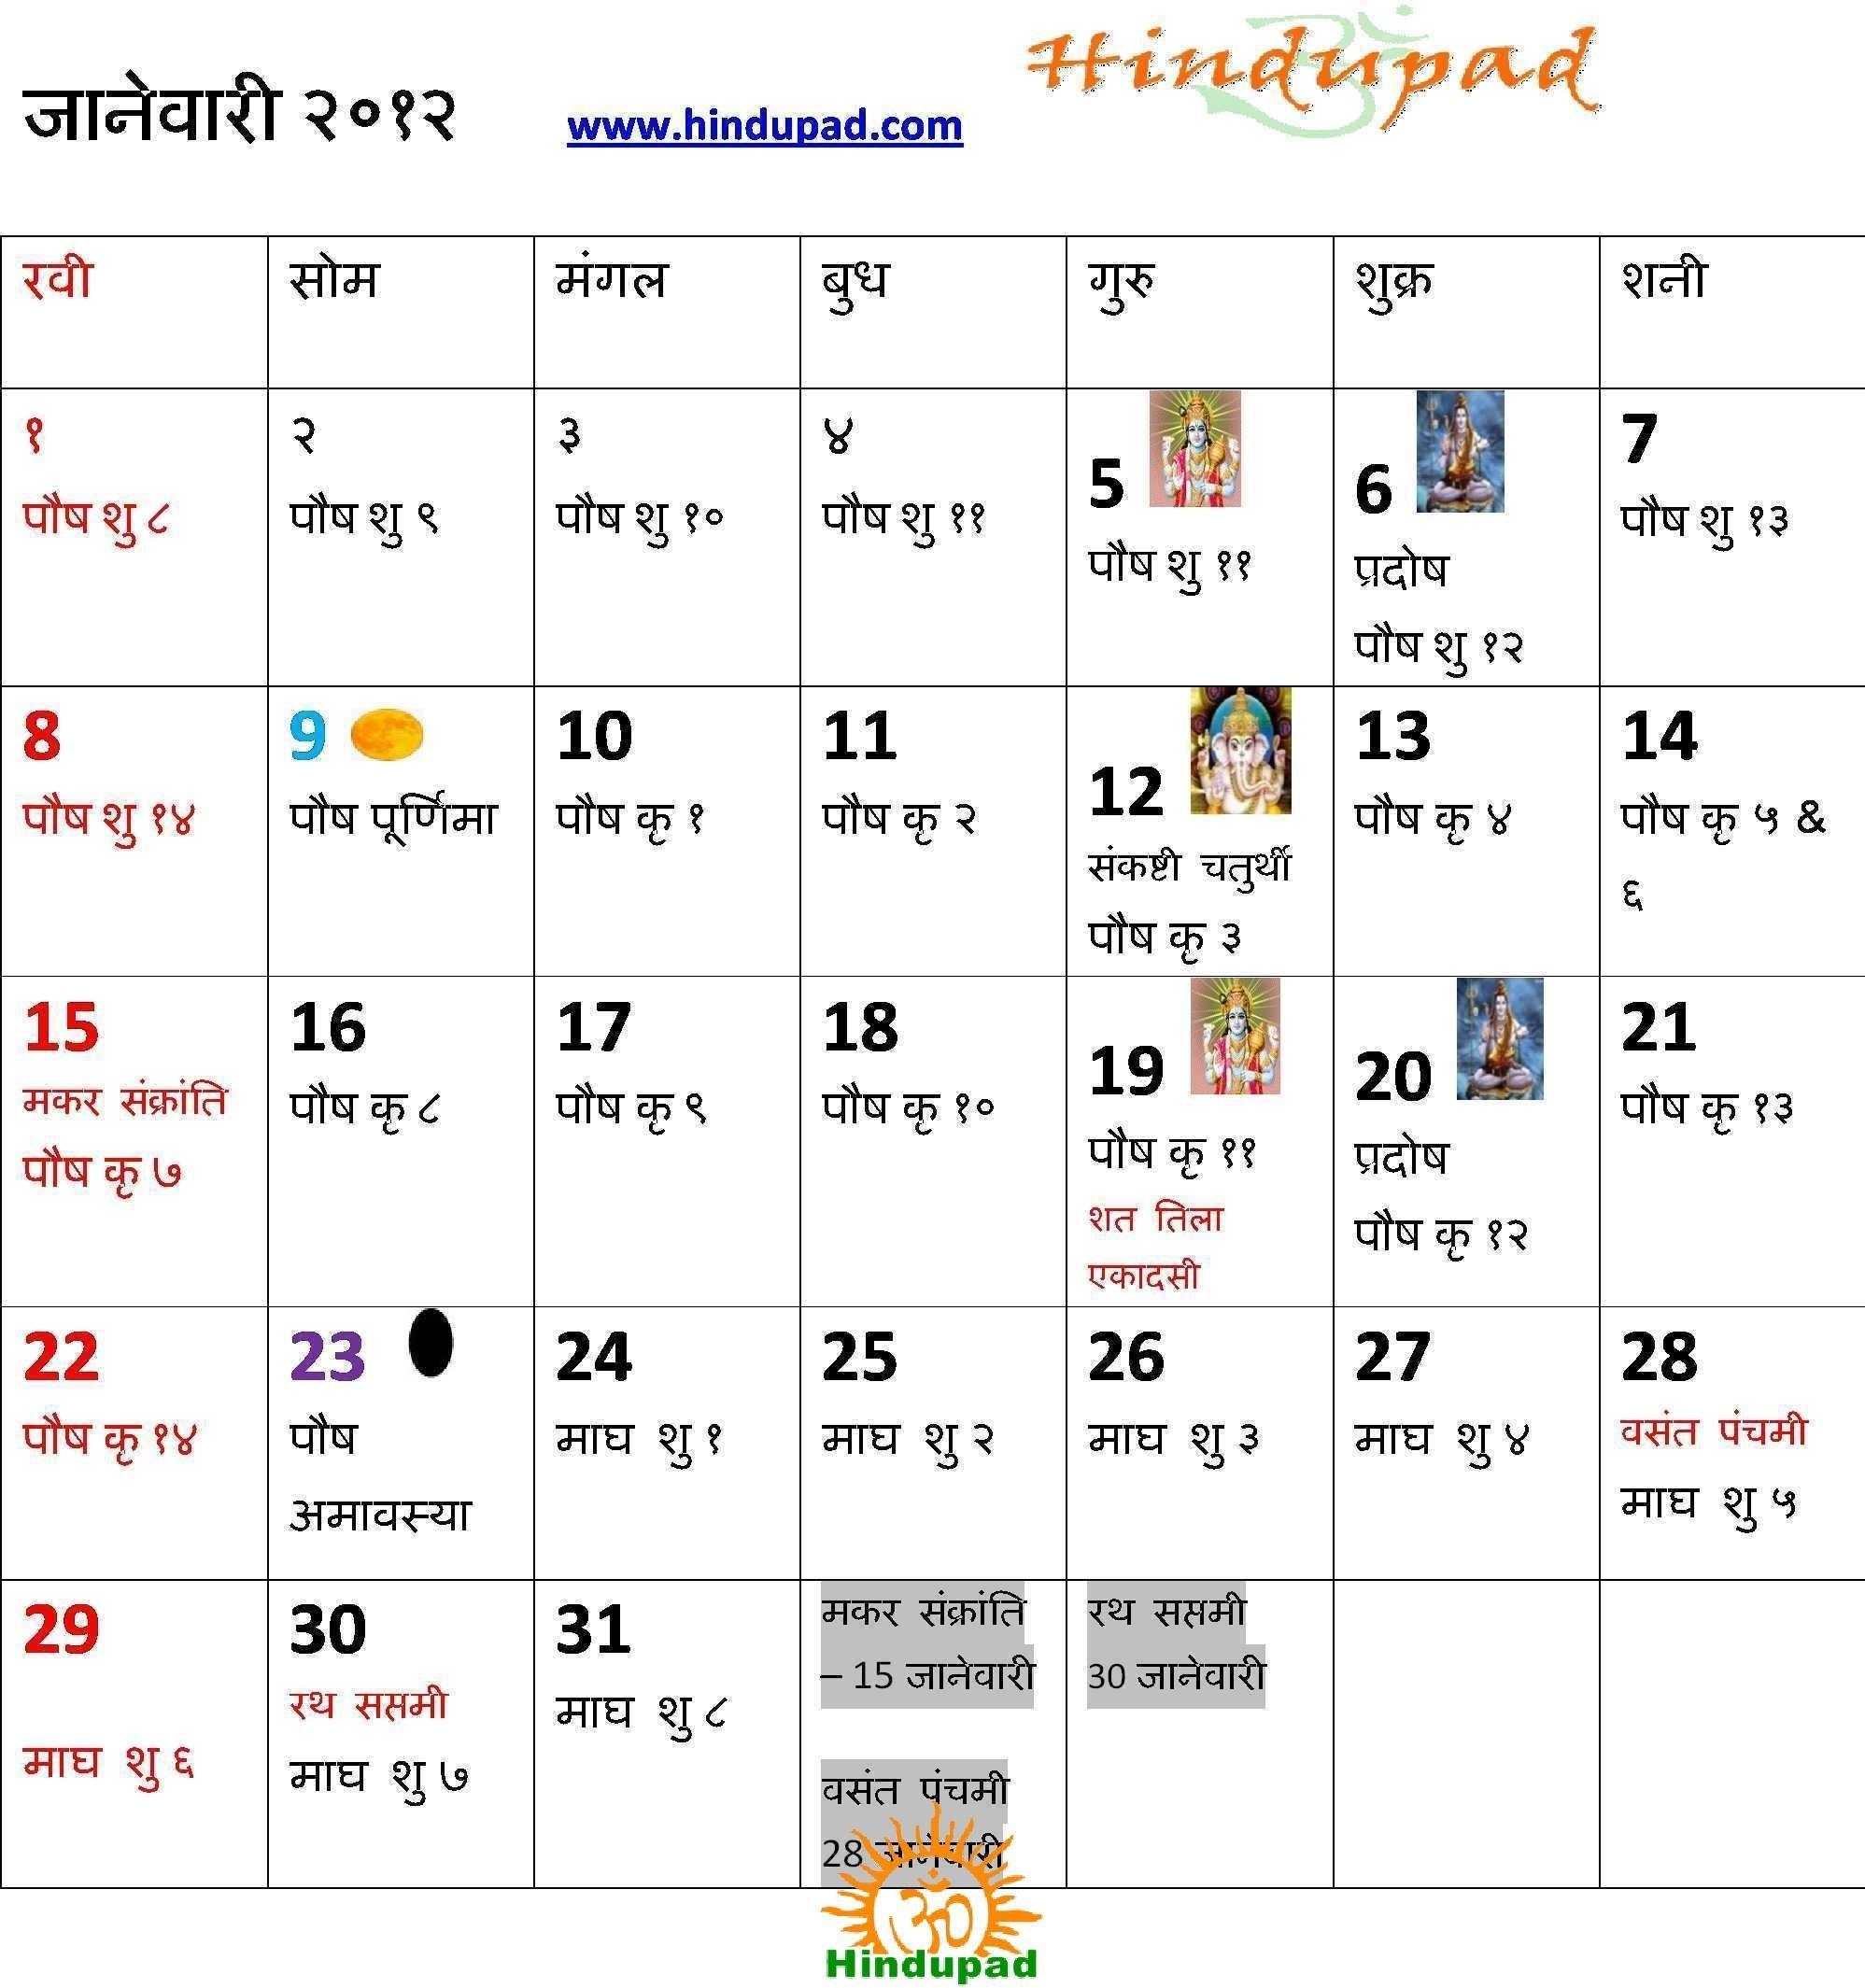 Marathi Calendar January 2012 With Tithi, Marathi Kalnirnay-January 2020 Calendar Mahalaxmi